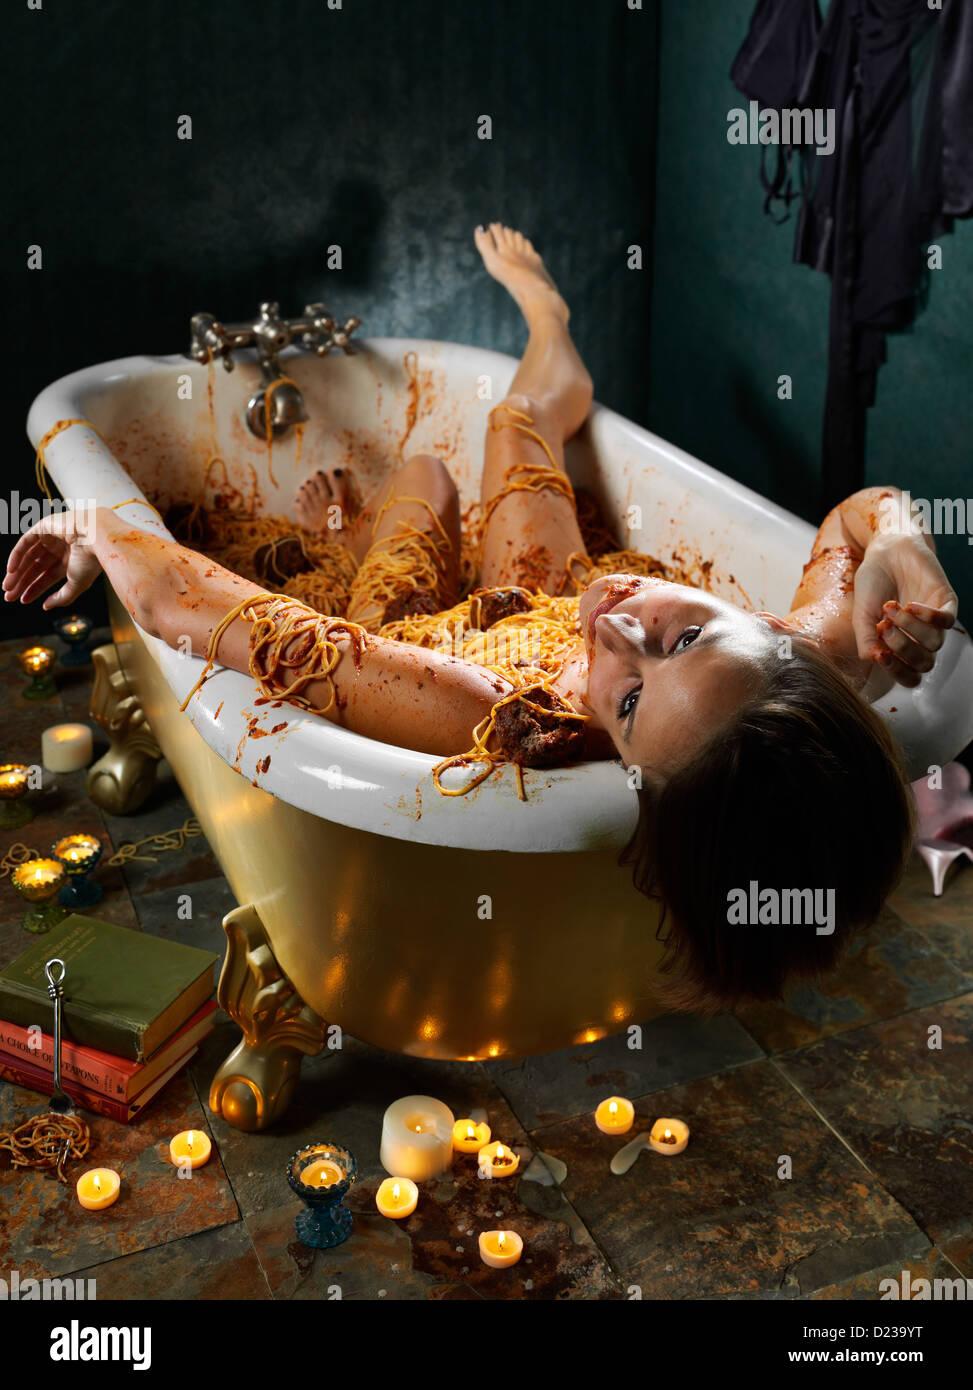 La scène du crime de mort par la gourmandise. Photo Stock